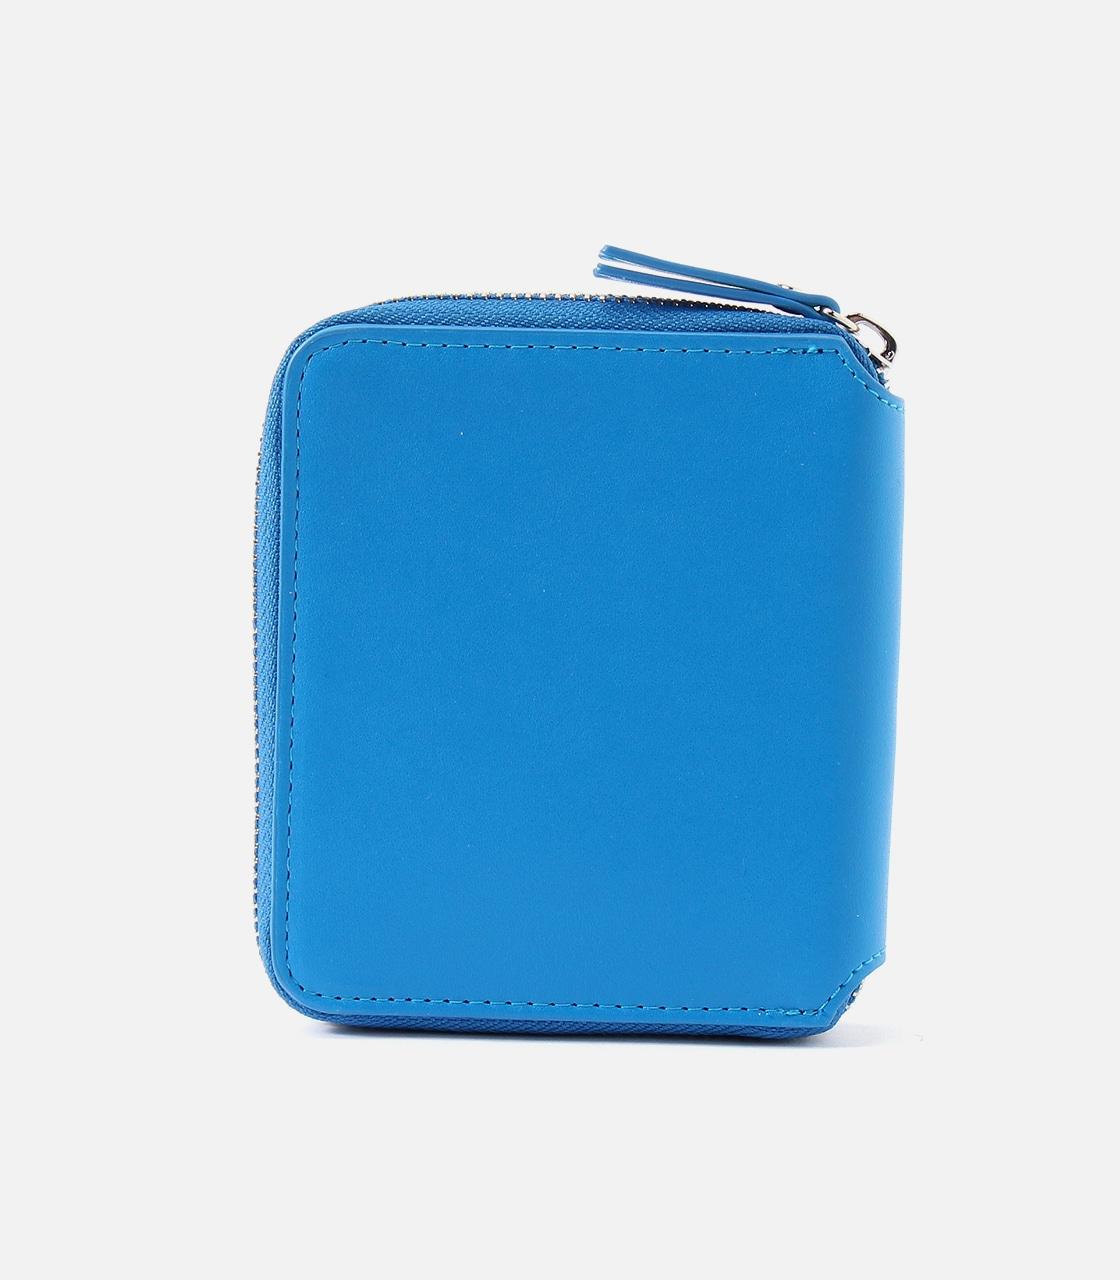 Cobalt Coin Pouch Blue Azul 12 cm